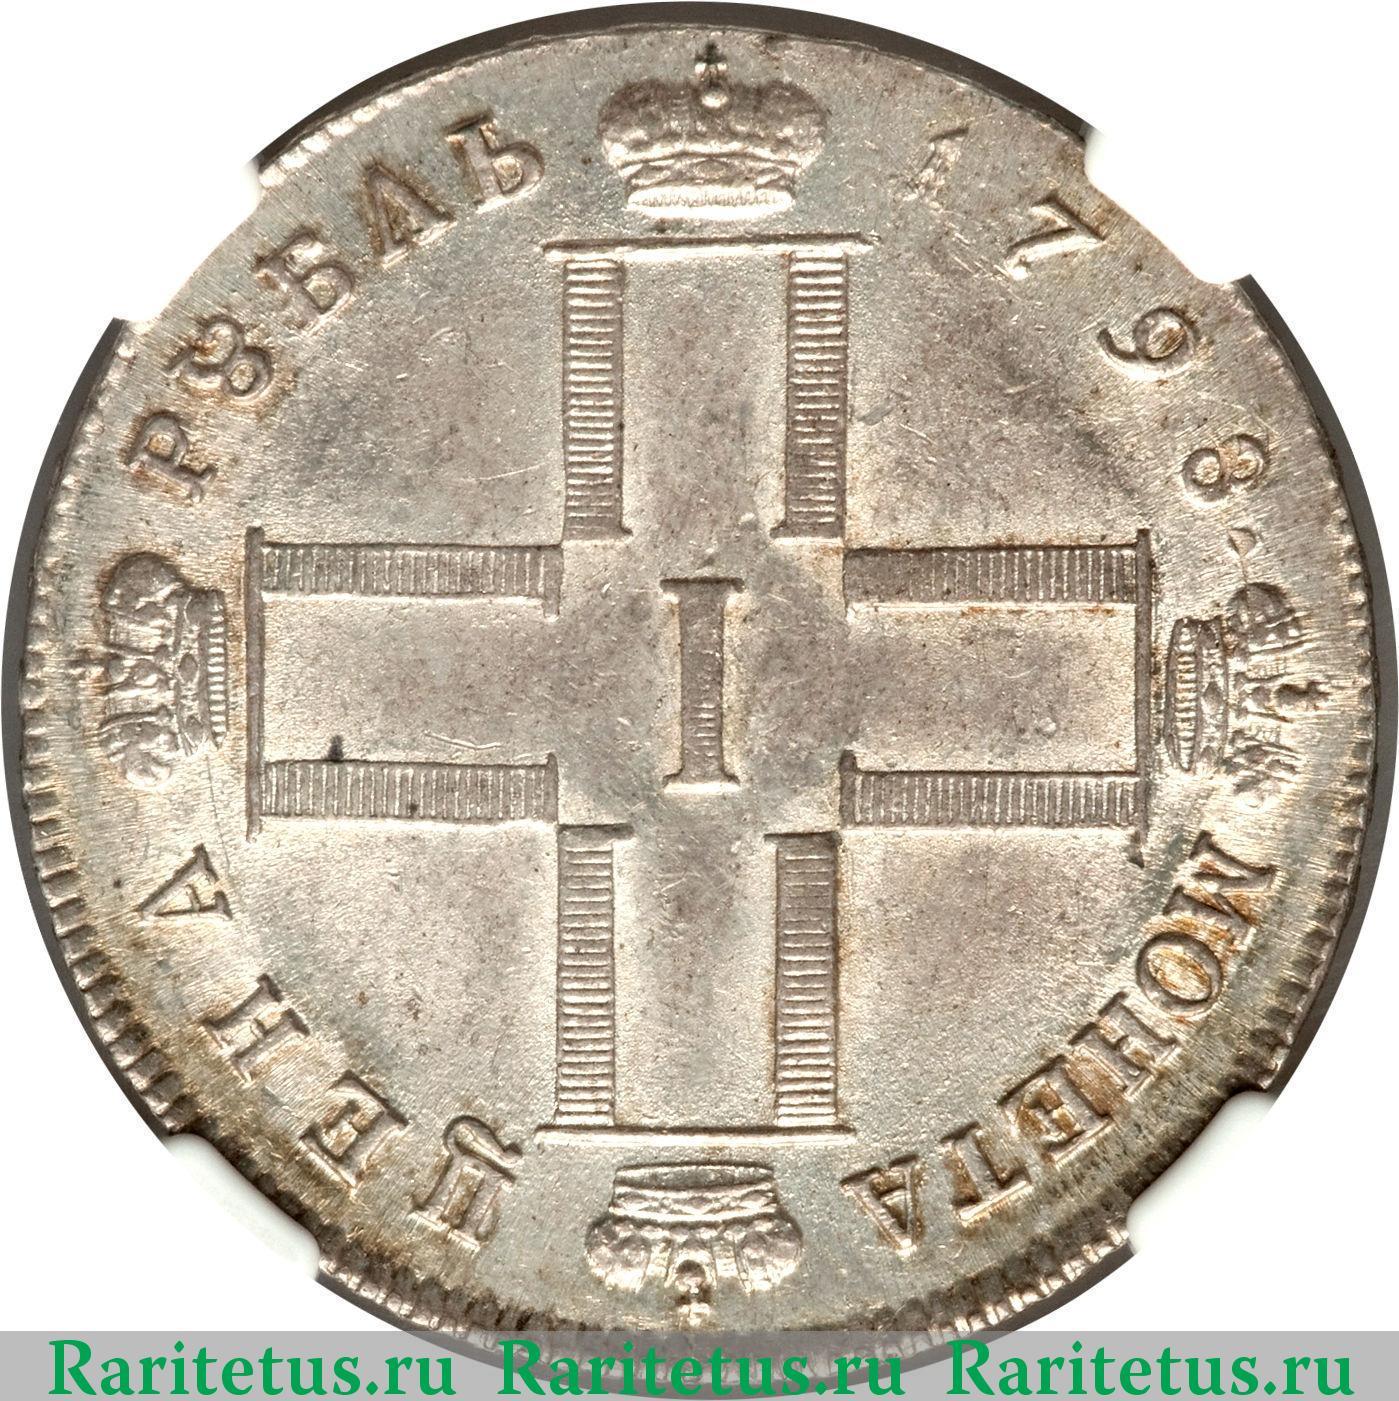 Монета 1798 года цена 1 рубль tab s t800x